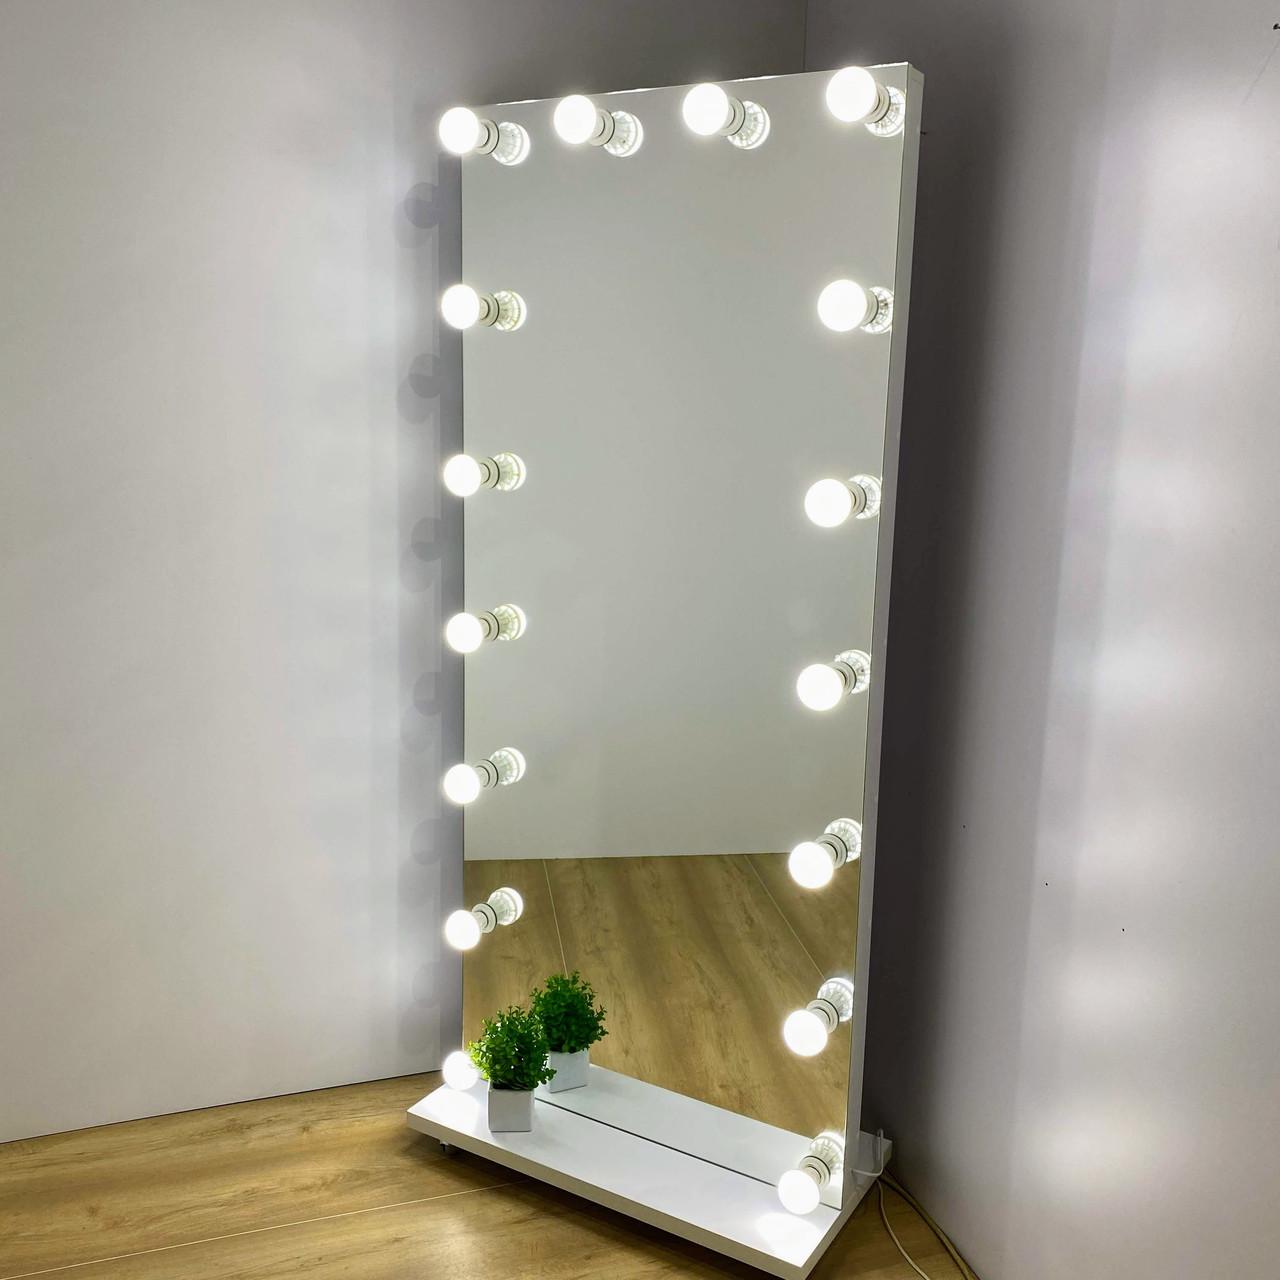 Зеркало напольное с подсветкой. Зеркало в полный рост. Зеркало с подсветкой.